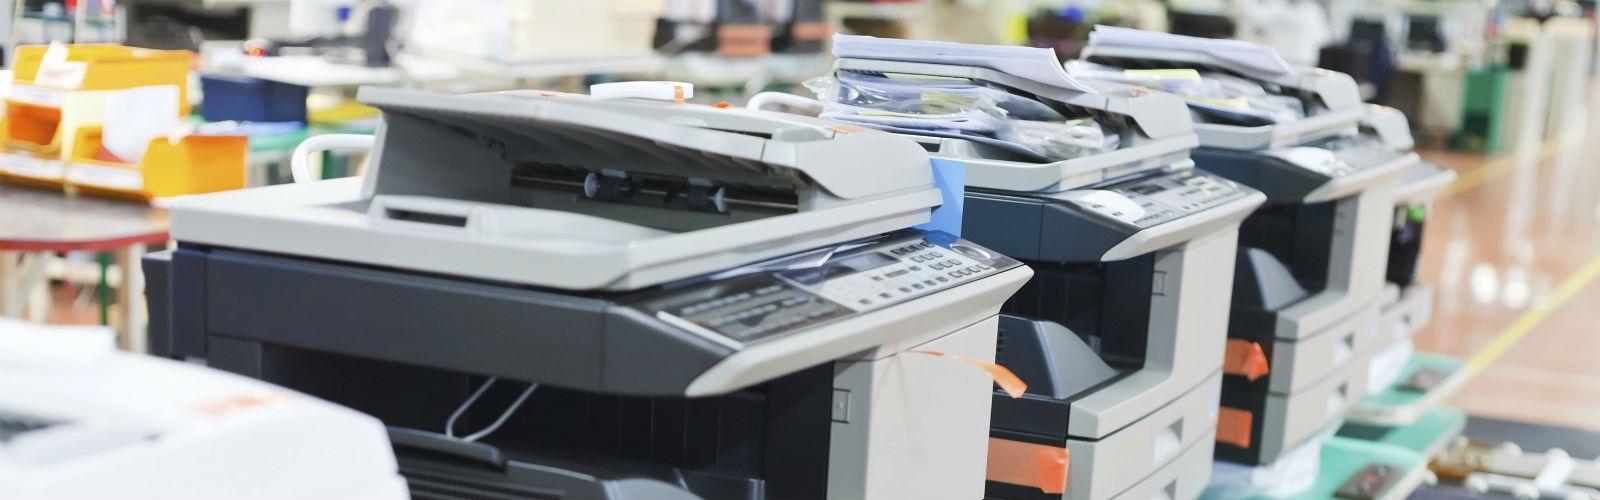 Обслуживание принтеров, сервисное и гарантийное